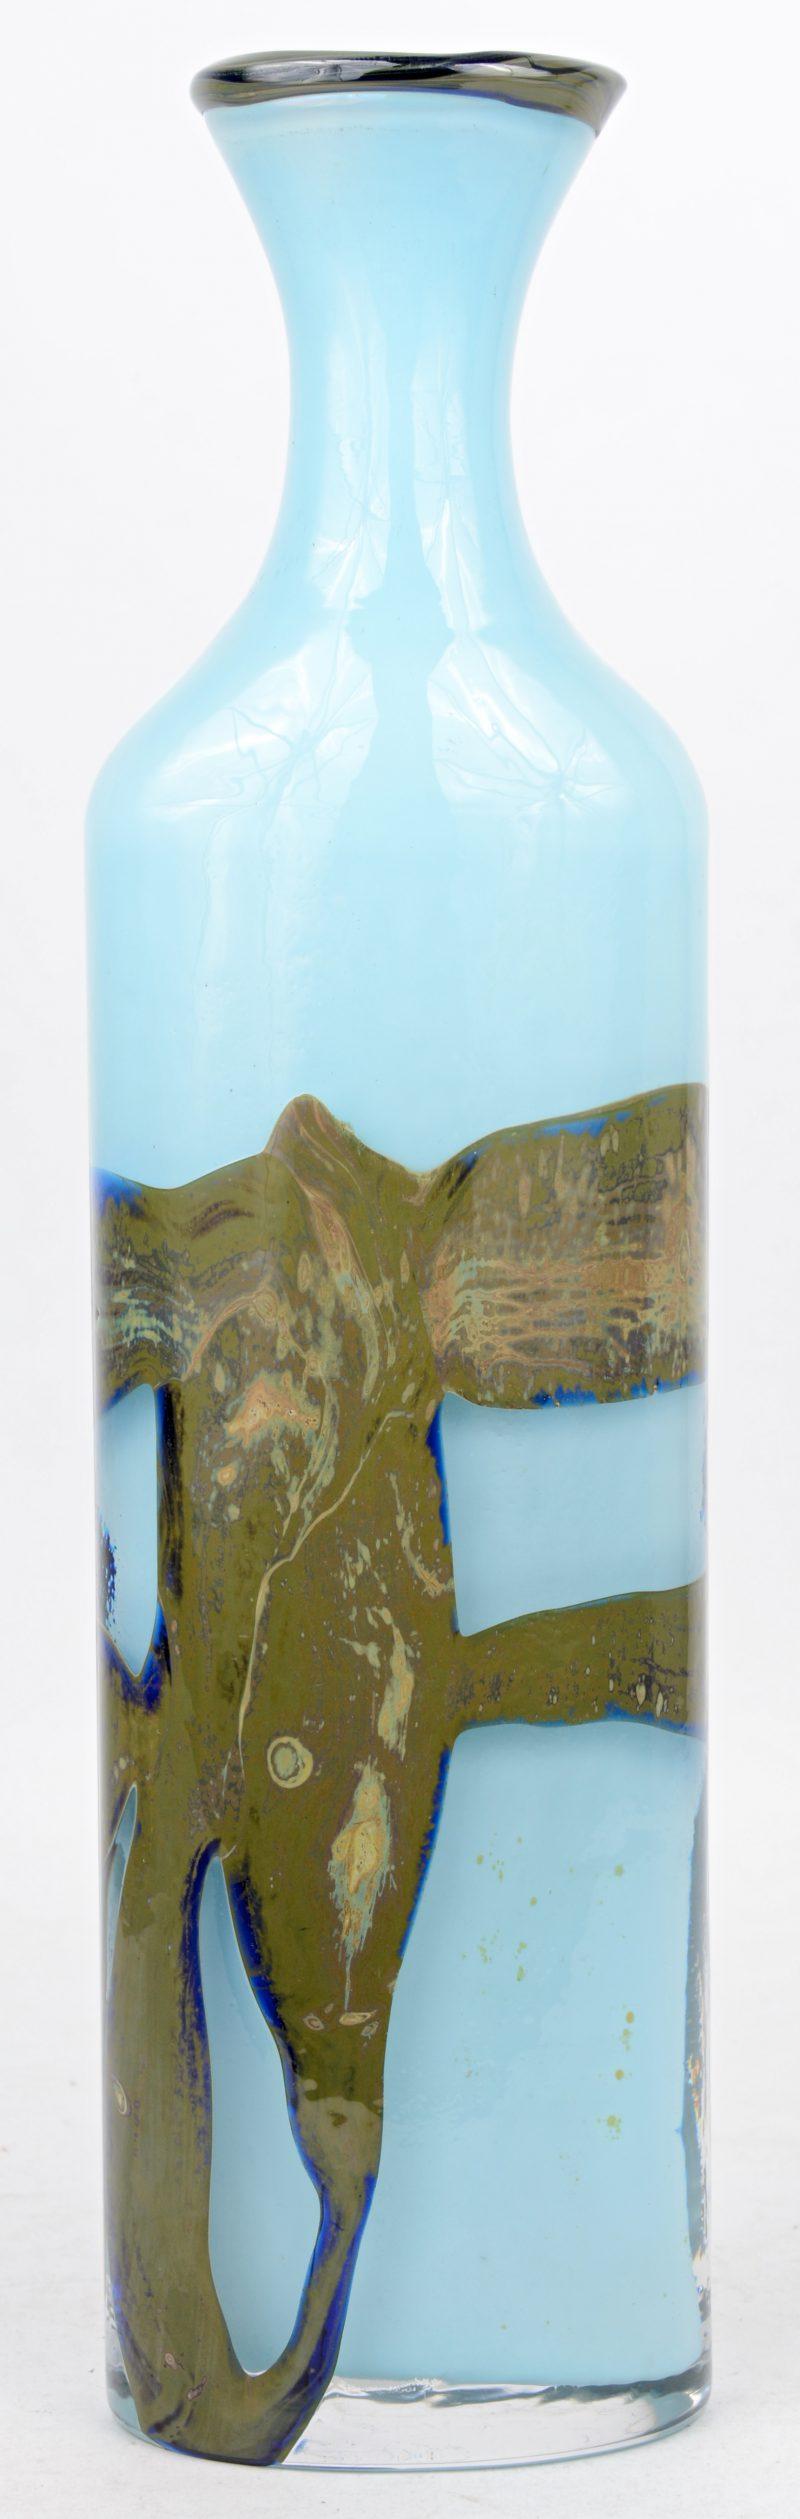 Een hoge, ranke vaas van blauw en groen glaspasta. Gemerkt Val Saint Lambert en gemonogrameerd llsjh voor Louis Leloup en Samuel J. Herman. Circa 1970.